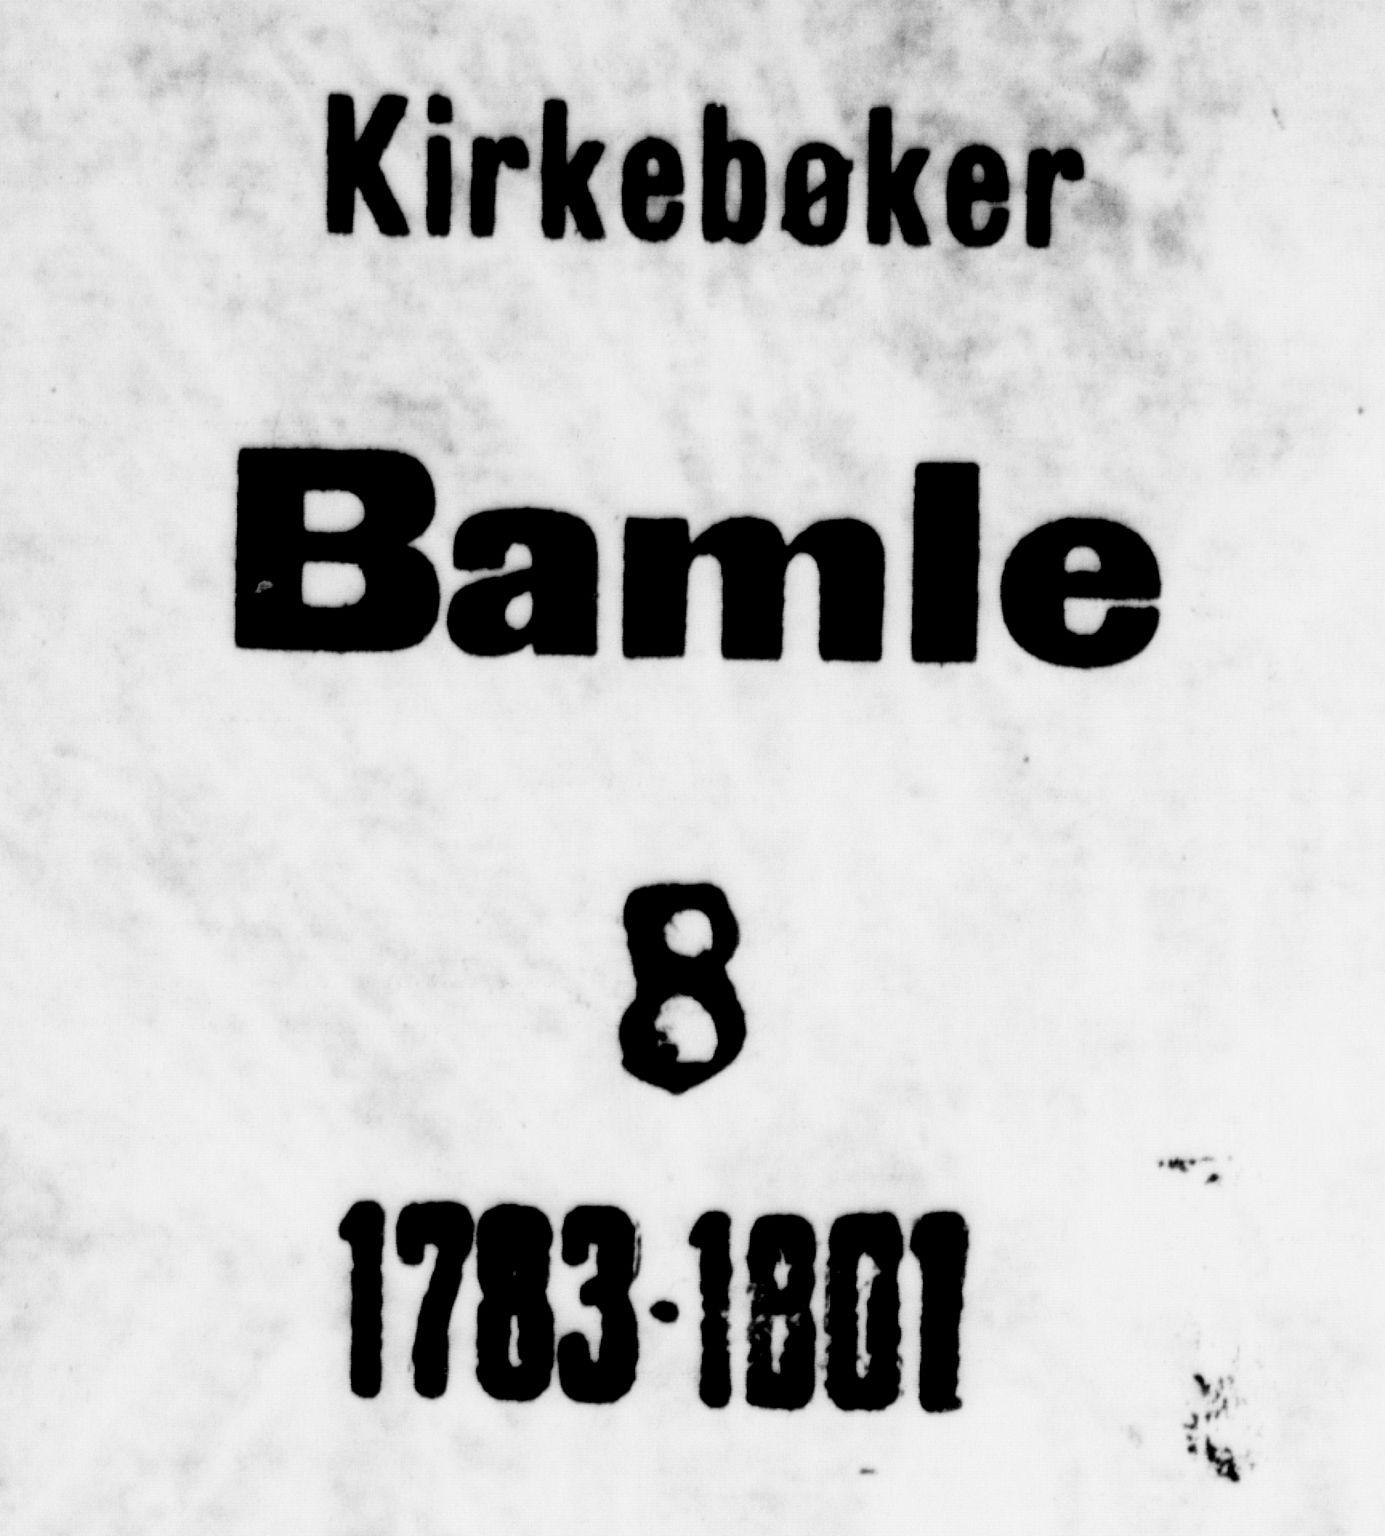 SAKO, Langesund kirkebøker, G/Ga/L0001: Klokkerbok nr. 1, 1783-1801